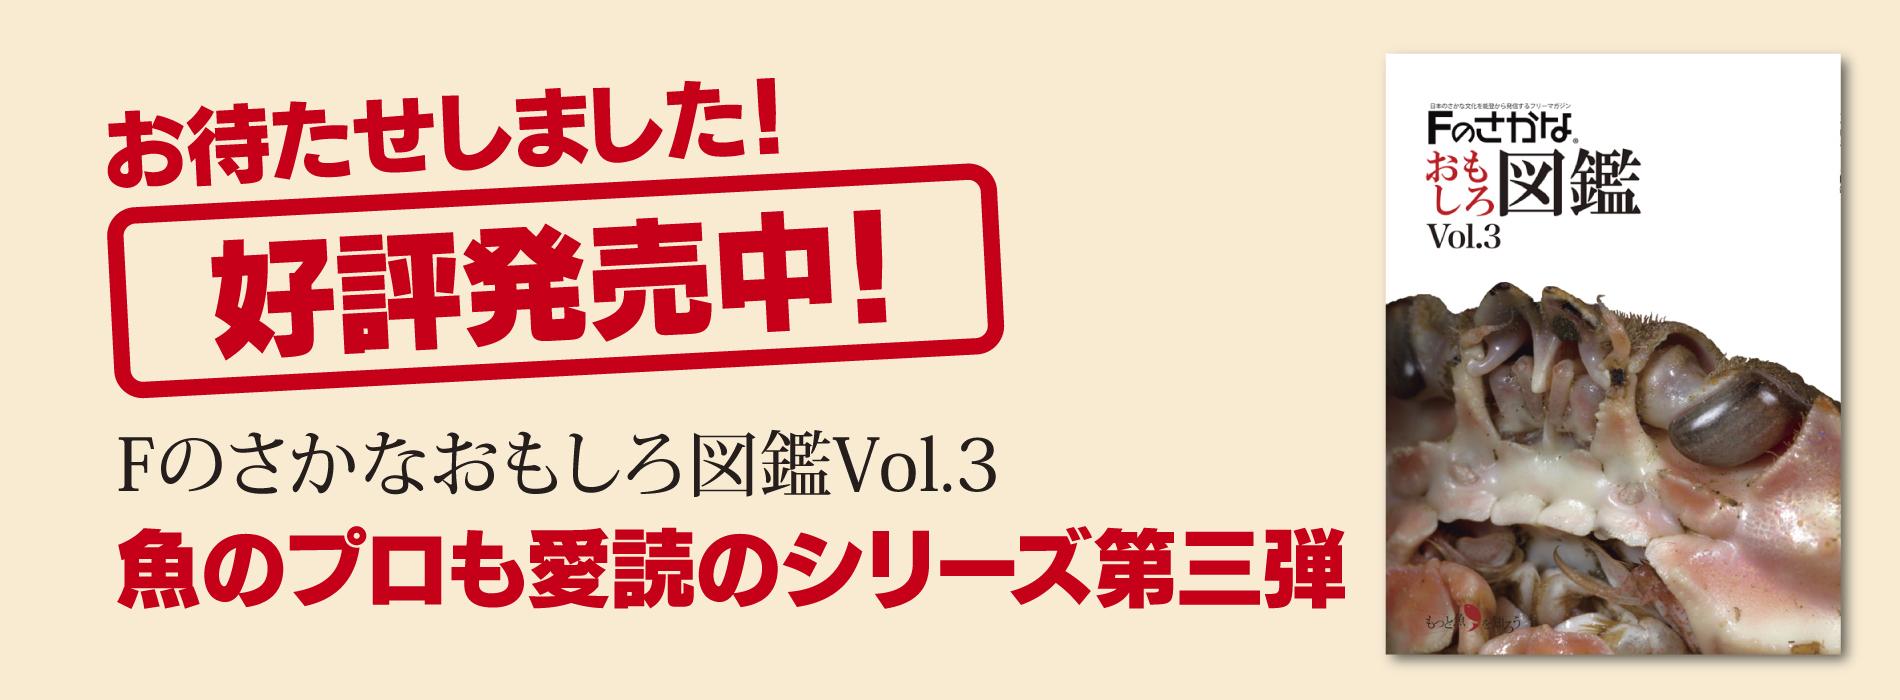 Fのさかなおもしろ図鑑Vol.3好評販売中!